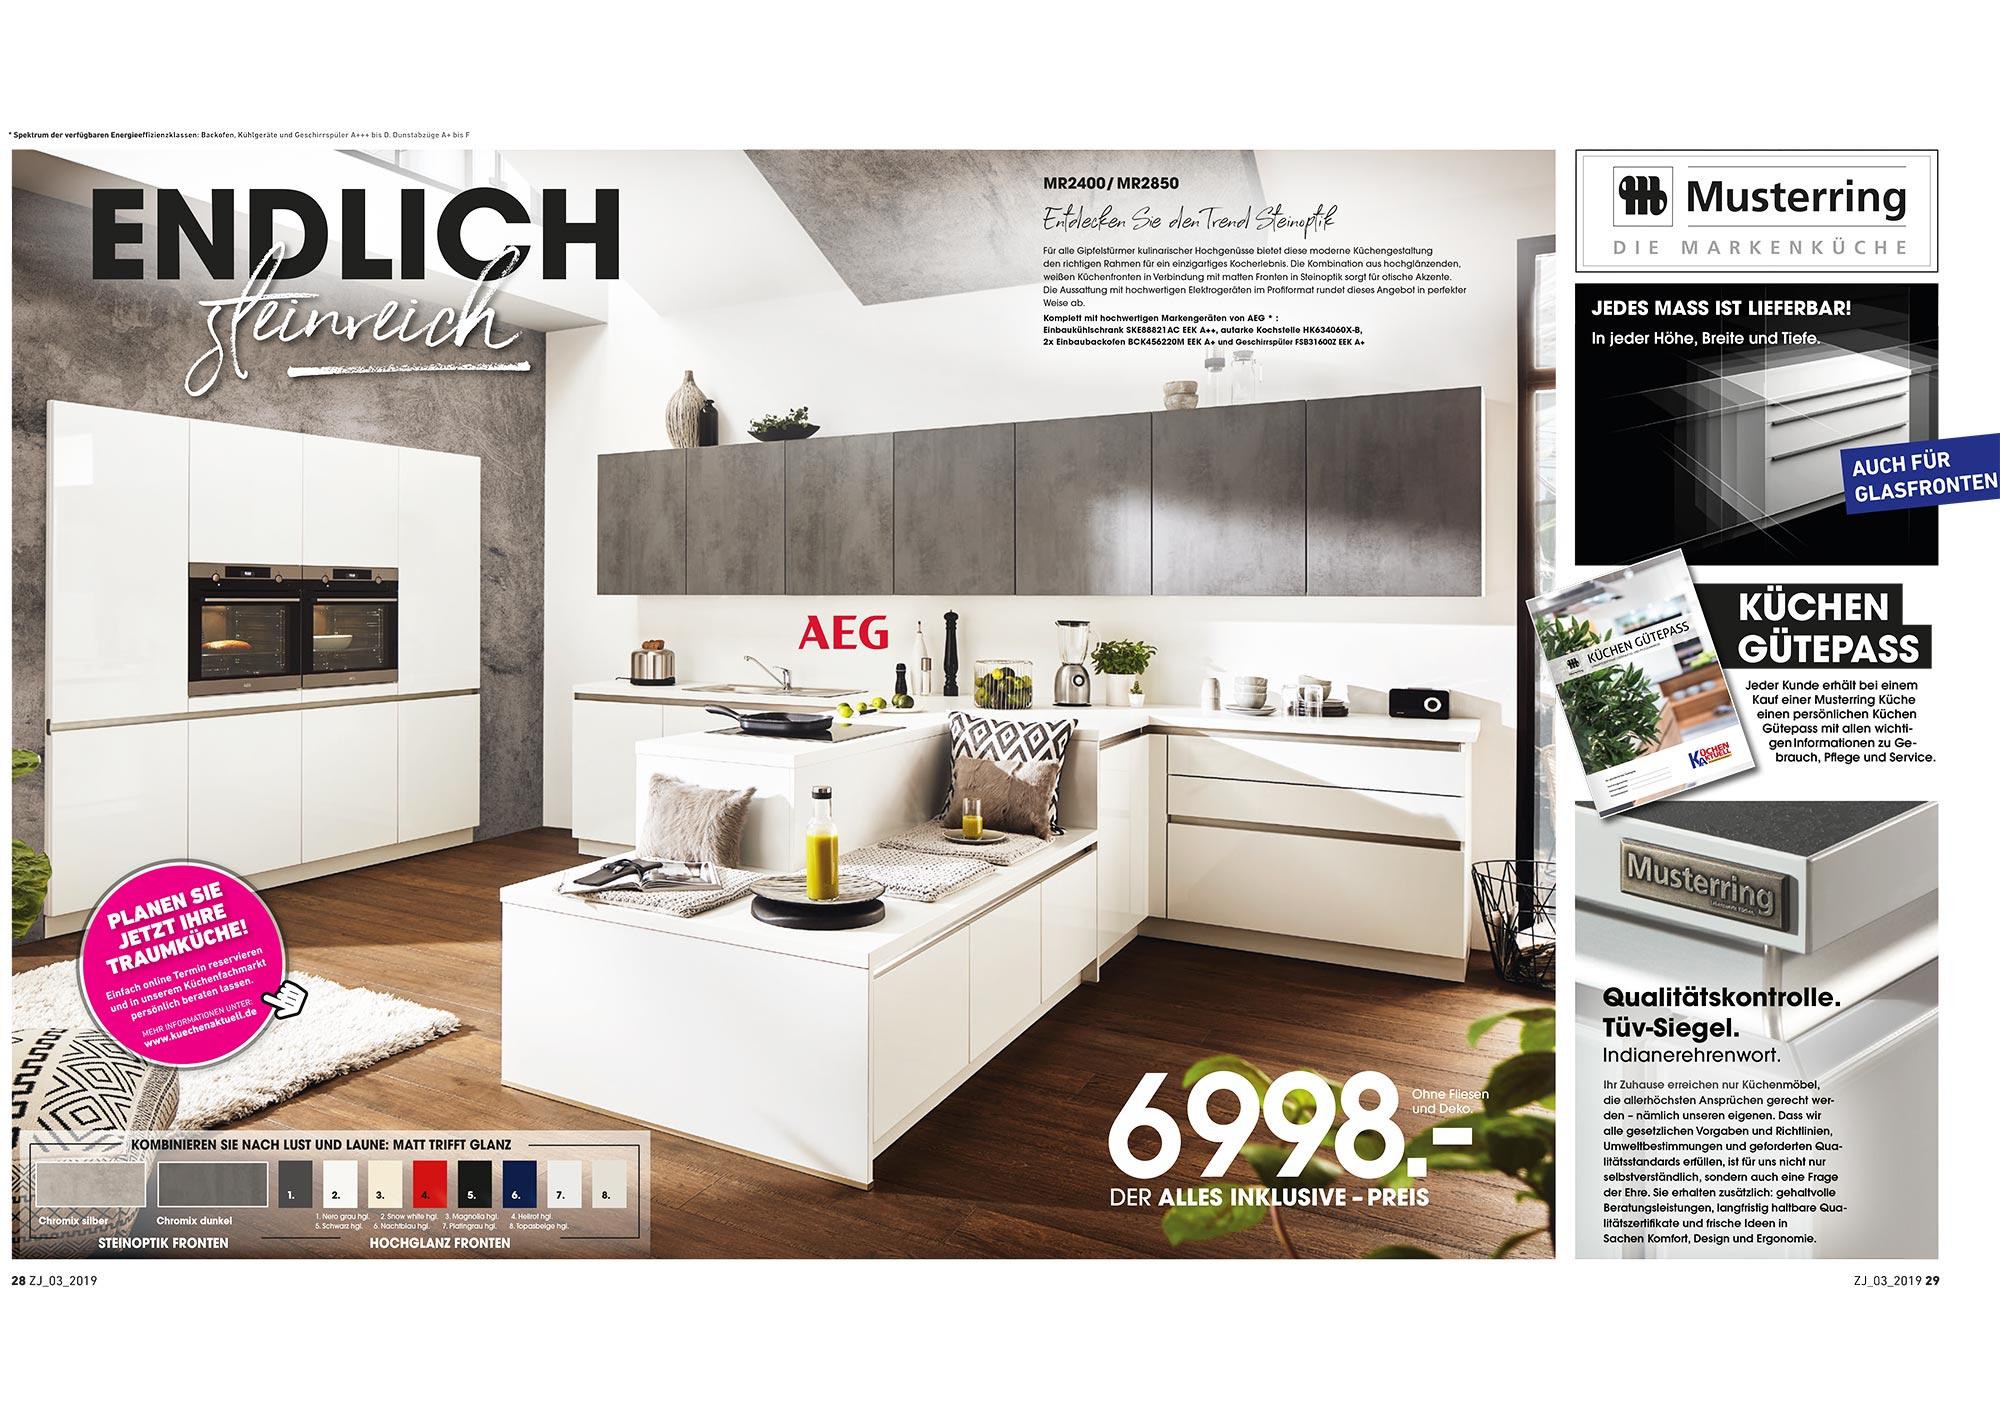 kchen aktuell hamburg best da die kchenmbel nicht nur dazu dienen die funktion der kche zu. Black Bedroom Furniture Sets. Home Design Ideas